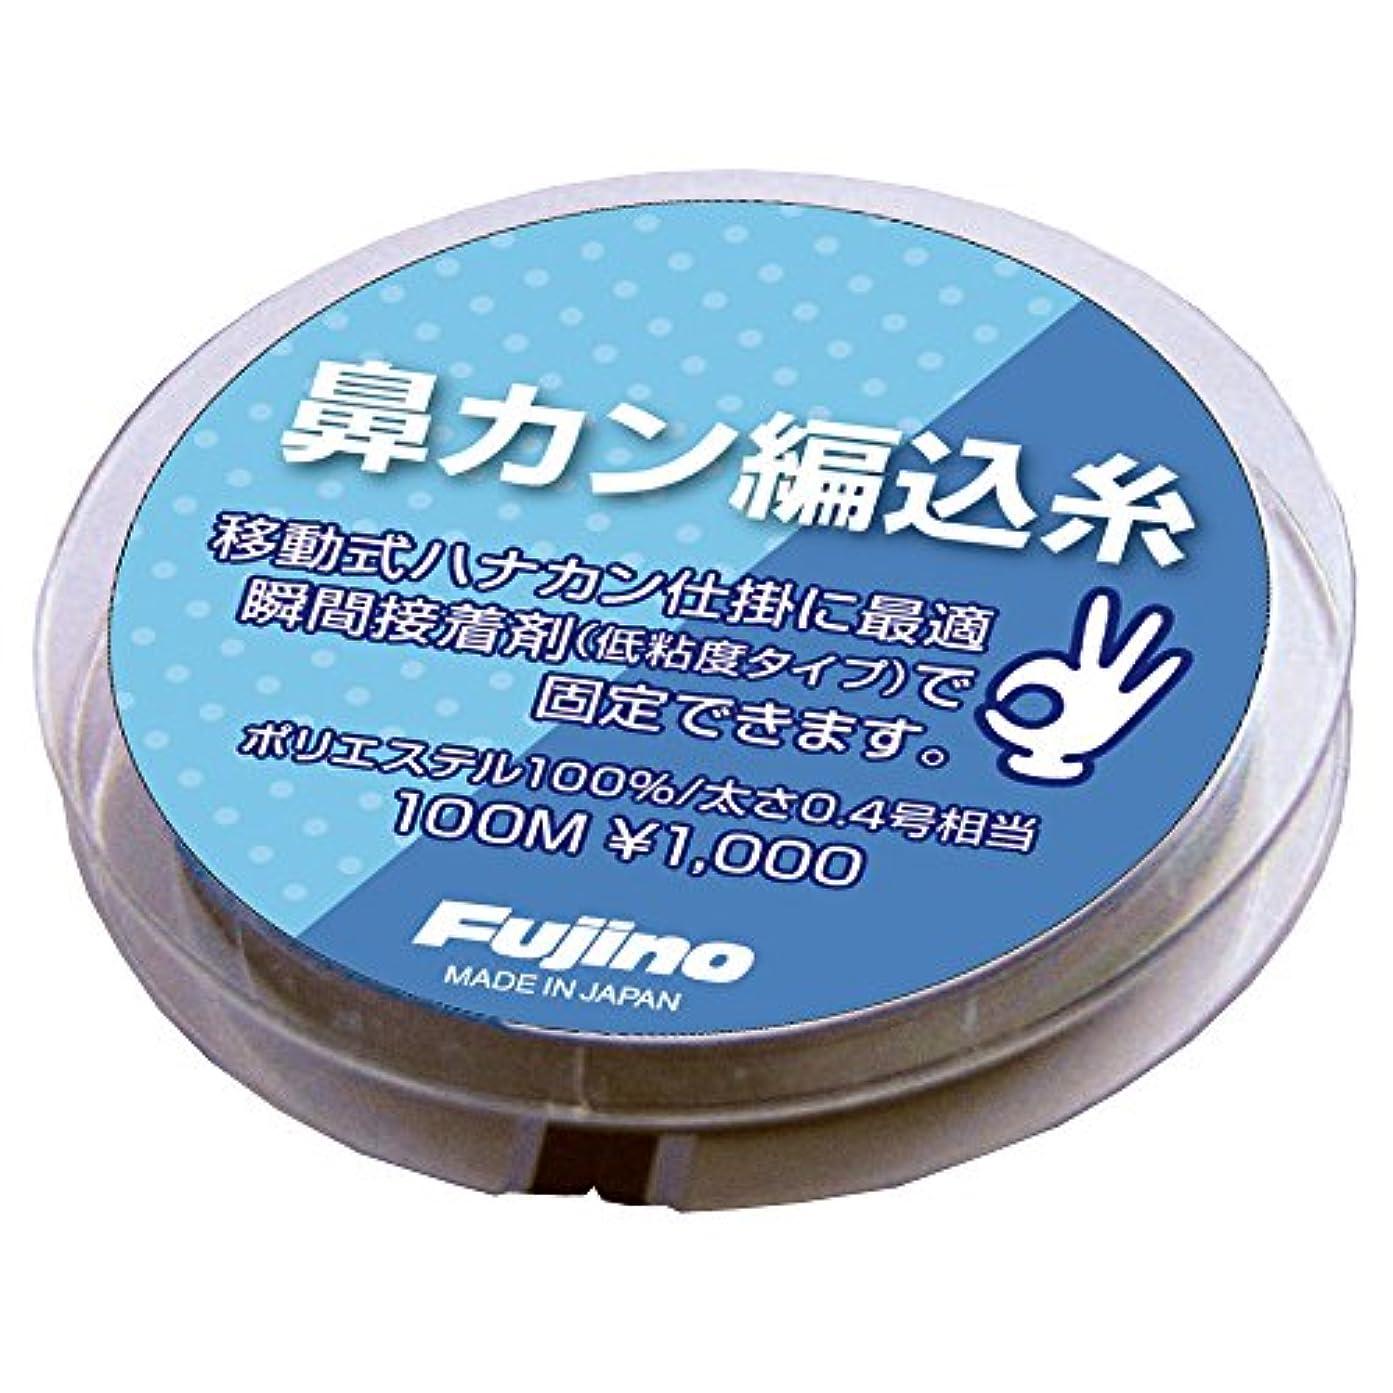 協同ギャロップ添加剤Fujino(フジノ) ライン ハナカン編込糸 スカイブルー